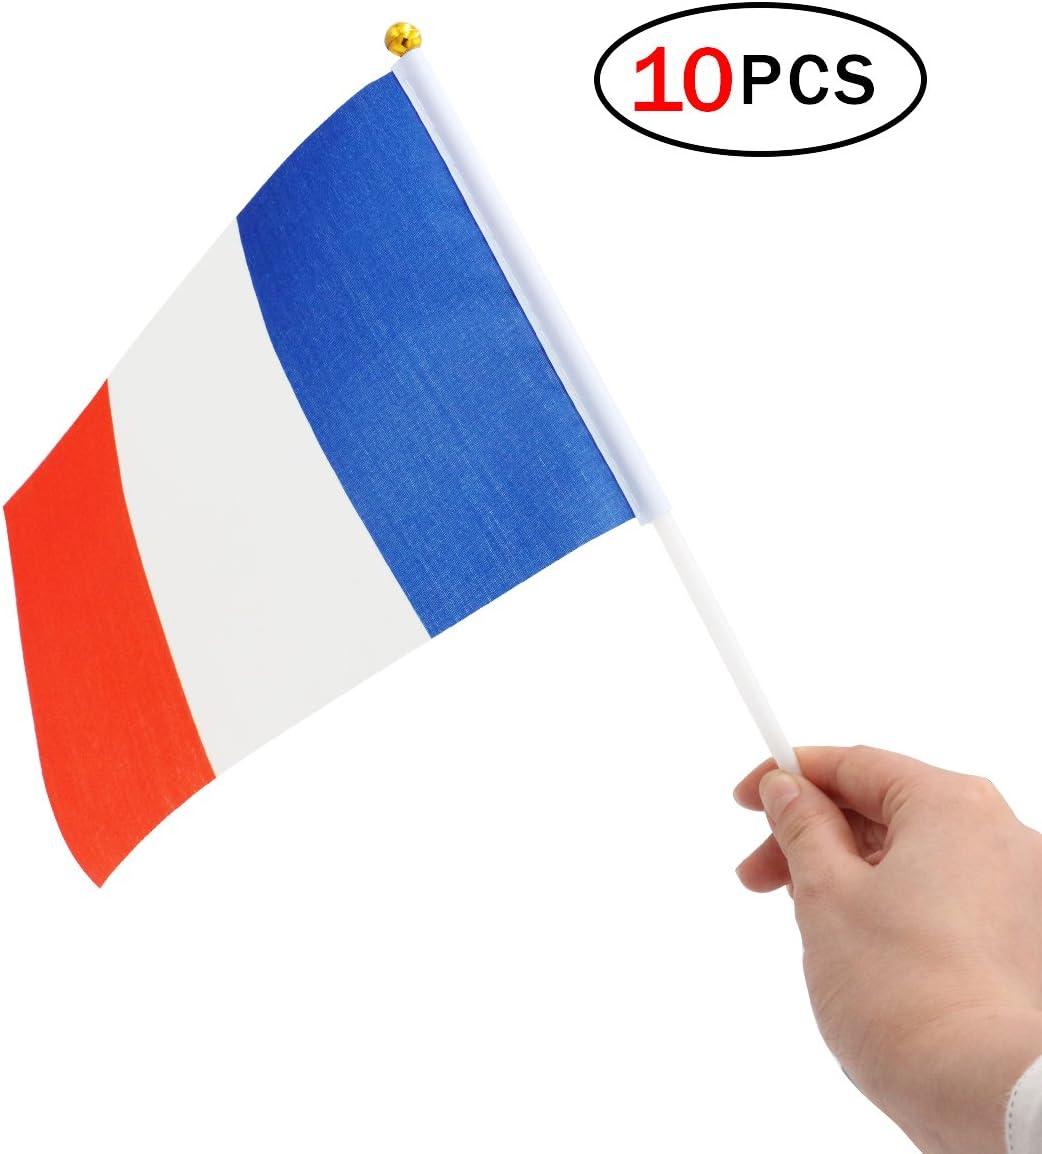 Banderas Pequeñas,Banderas de Mano,Bandera de Francés con 14 x 21 CM Juego de 10 PCS Mini Bandera Nacional Mini Bandera Francia: Amazon.es: Deportes y aire libre